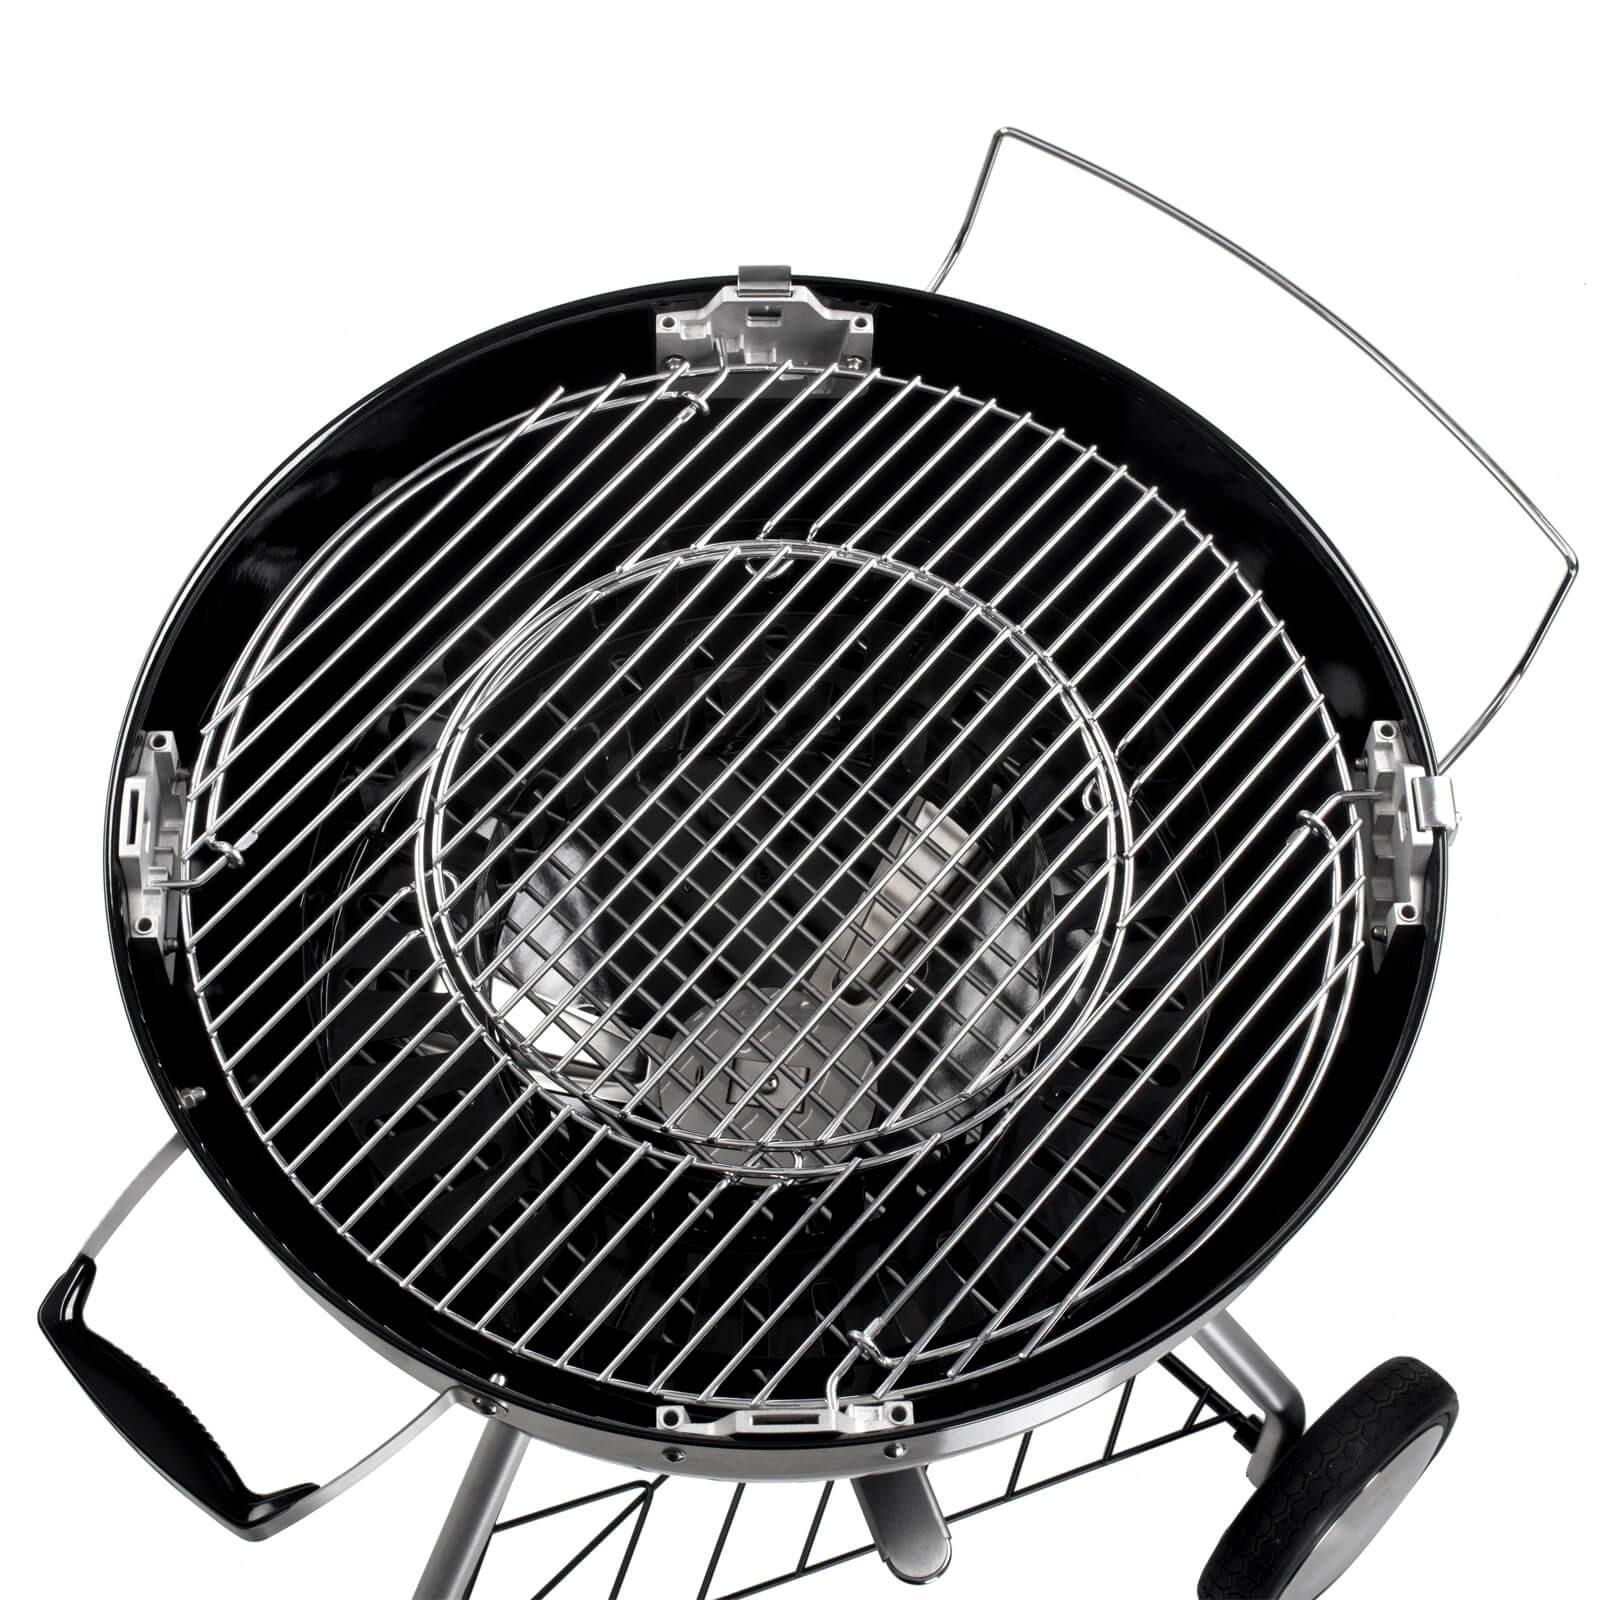 tepro grillrost hauptrost rund 47 cm. Black Bedroom Furniture Sets. Home Design Ideas